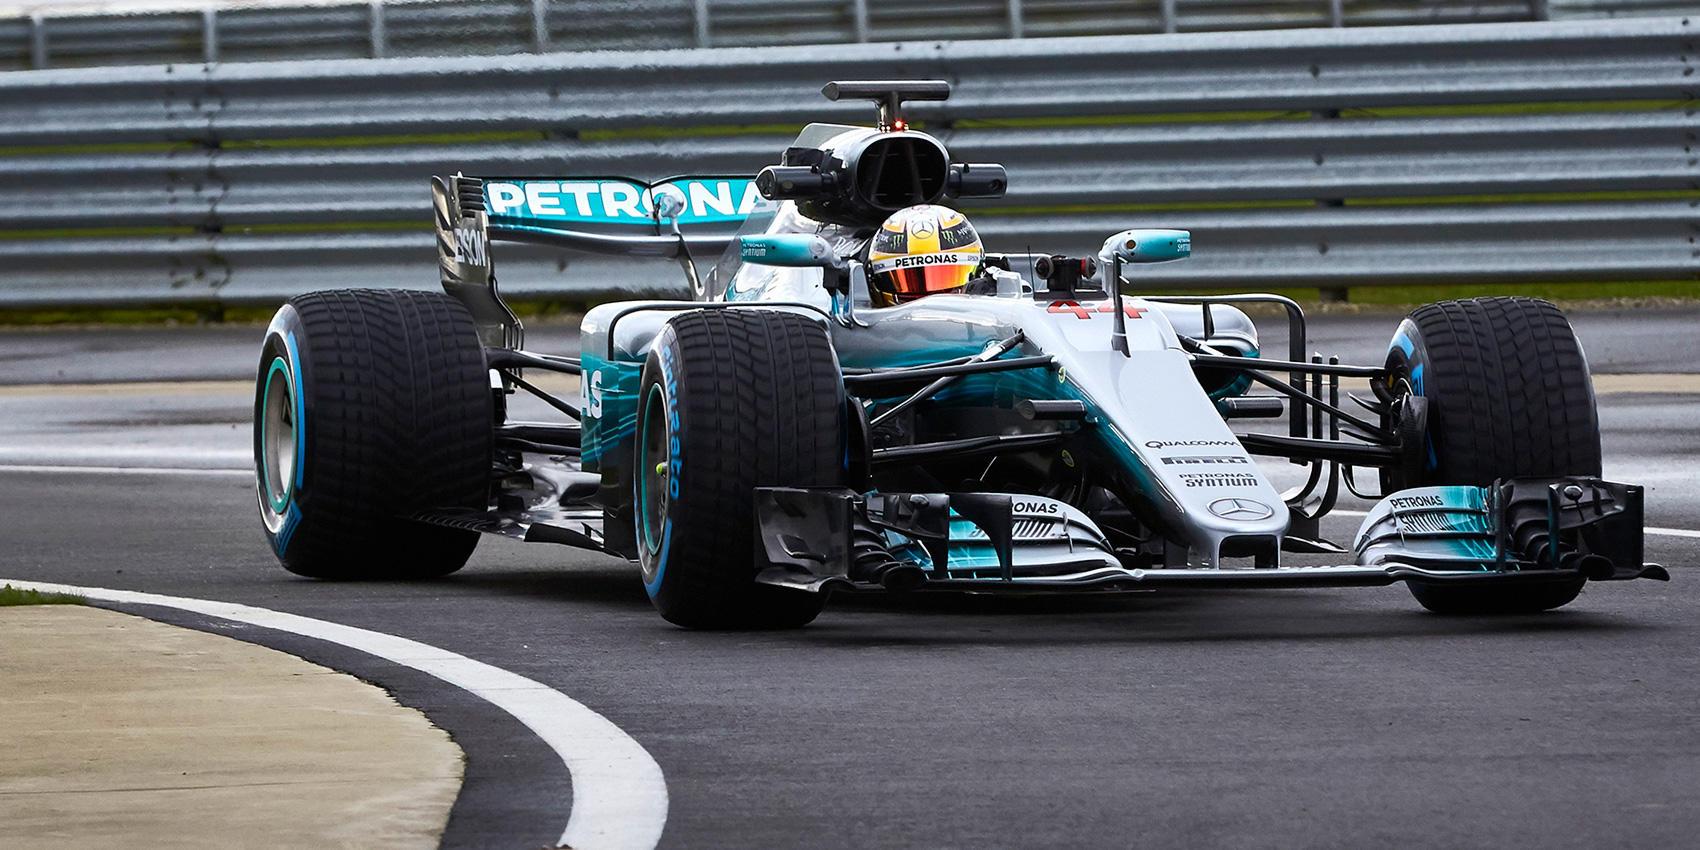 2017 Mercedes F1 Car On Track Photos - W08